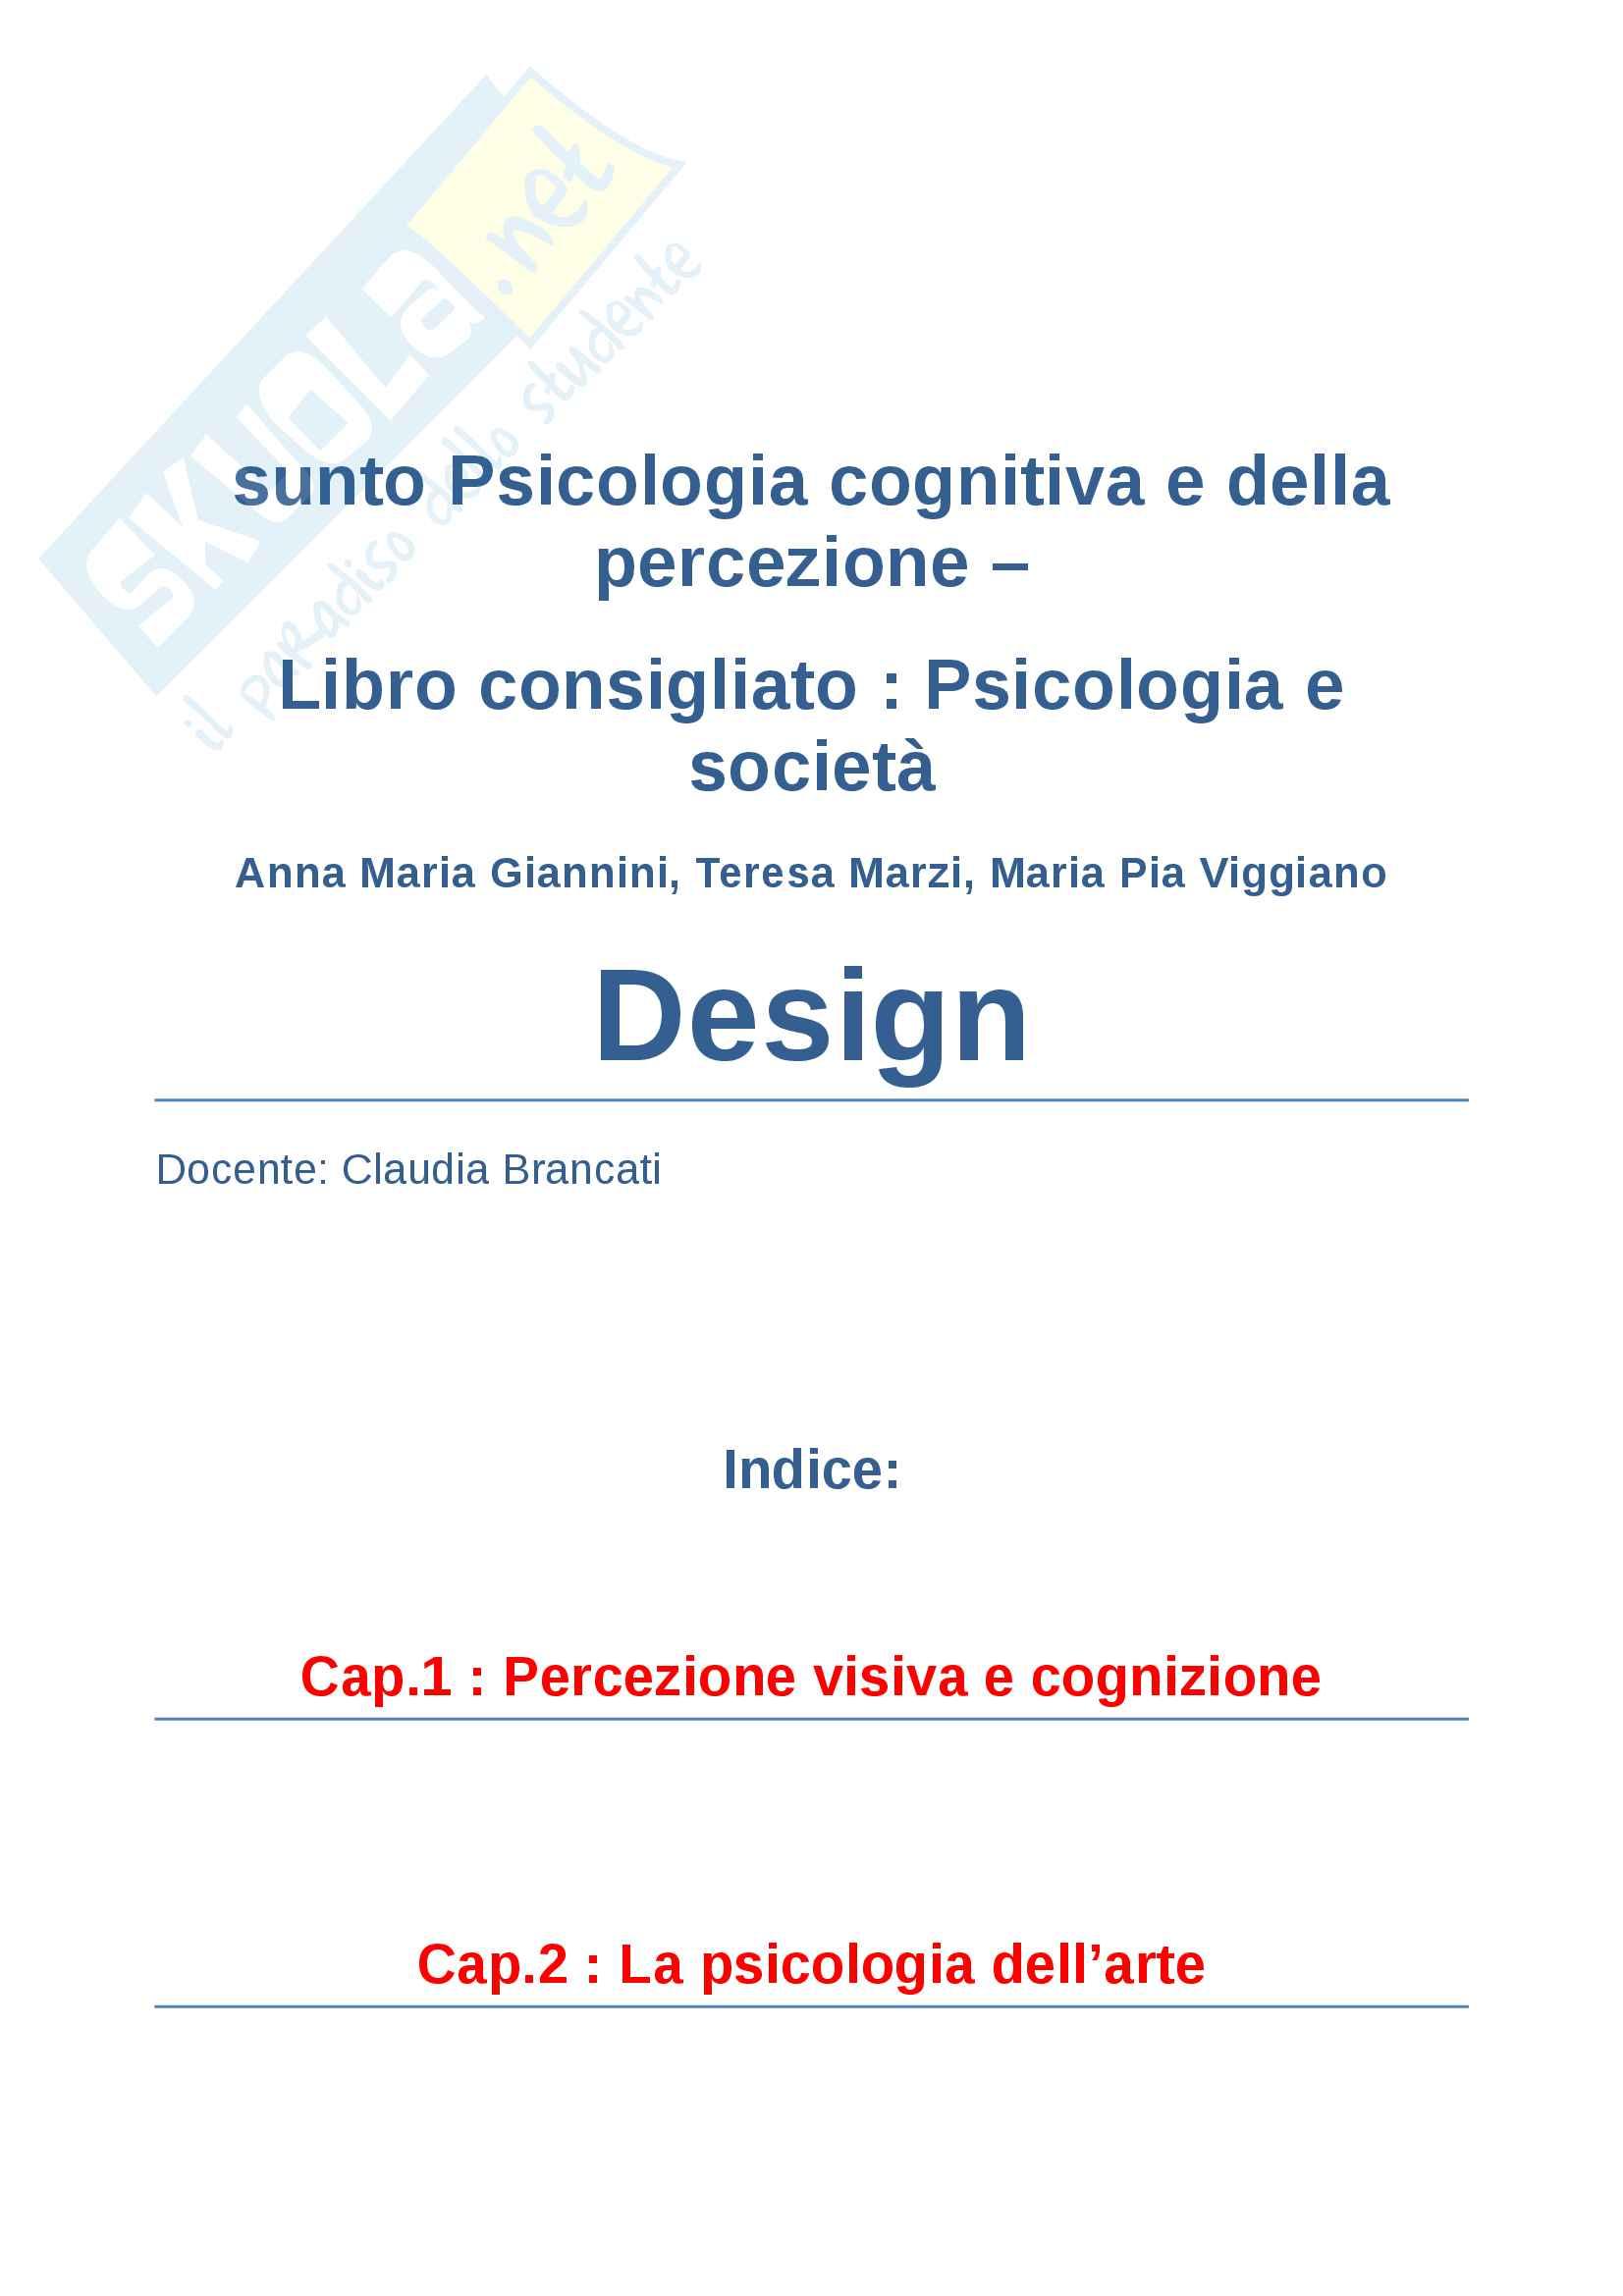 Riassunto esame psicologia cognitiva  e della percezione prof.ssa Claudia brancati